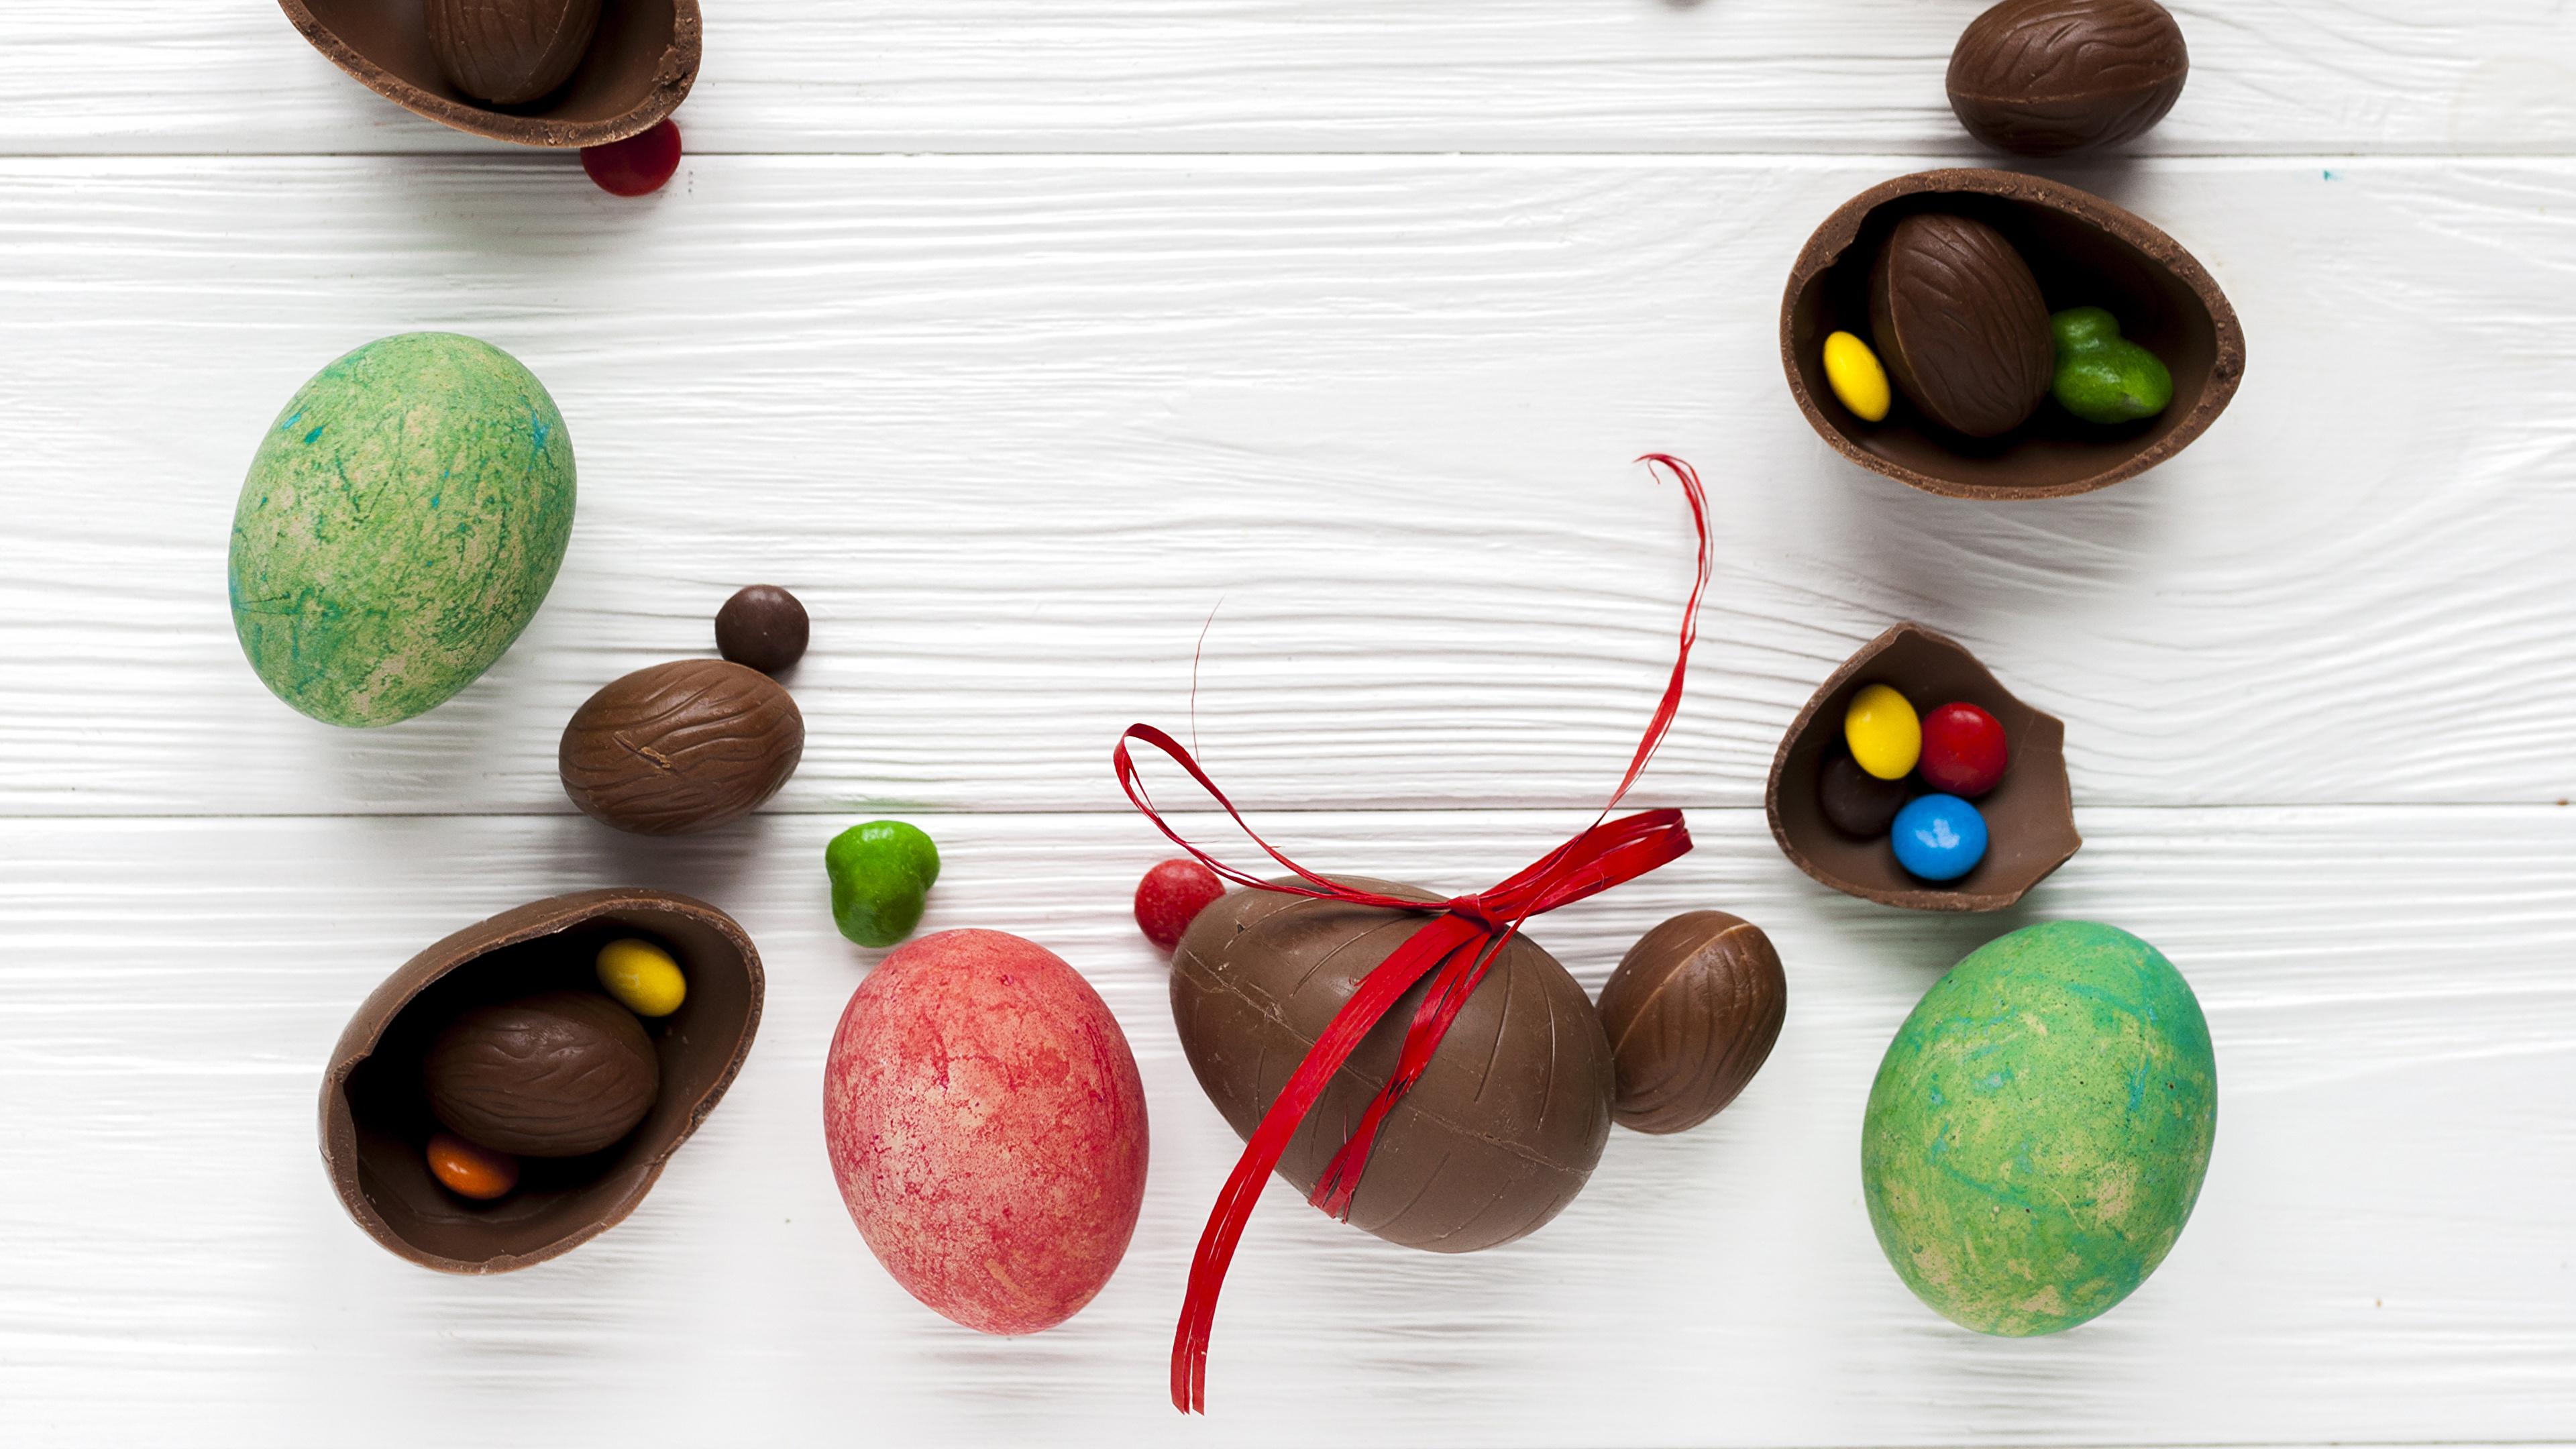 Картинка Пасха яйцо Шоколад Конфеты Еда Сладости Доски 3840x2160 яиц Яйца яйцами Пища Продукты питания сладкая еда